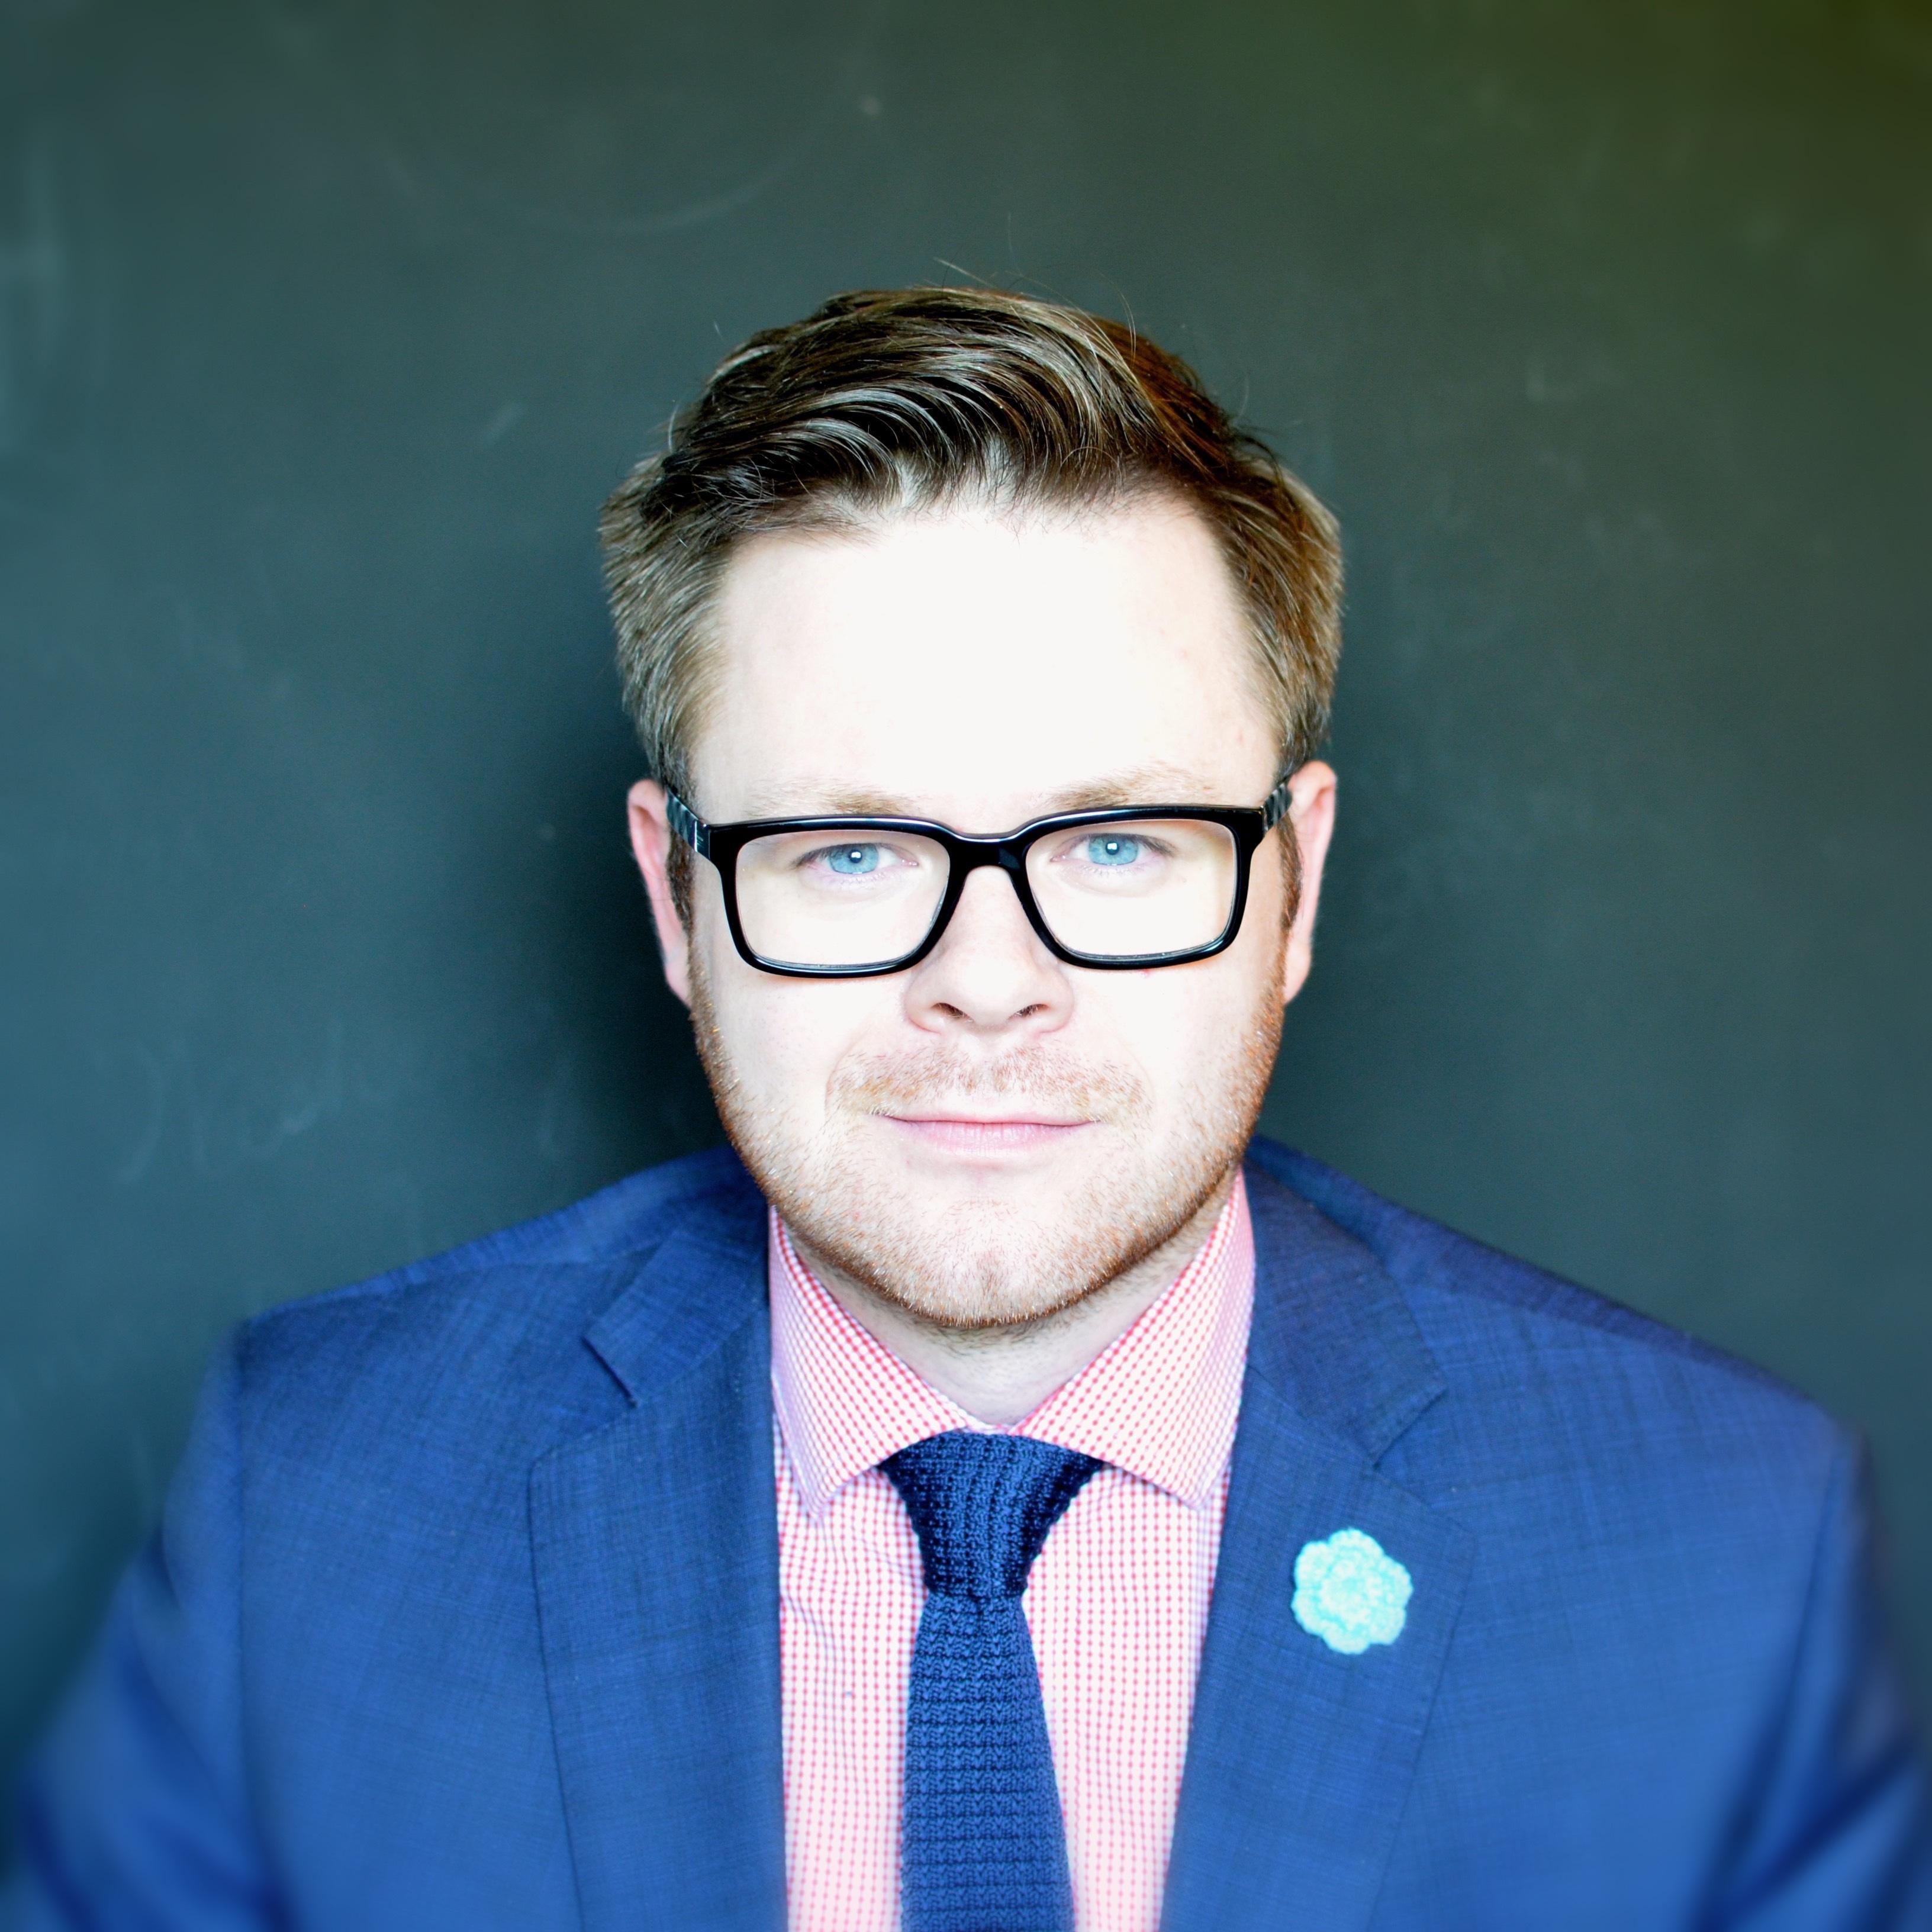 Headshot of Tyler Calder